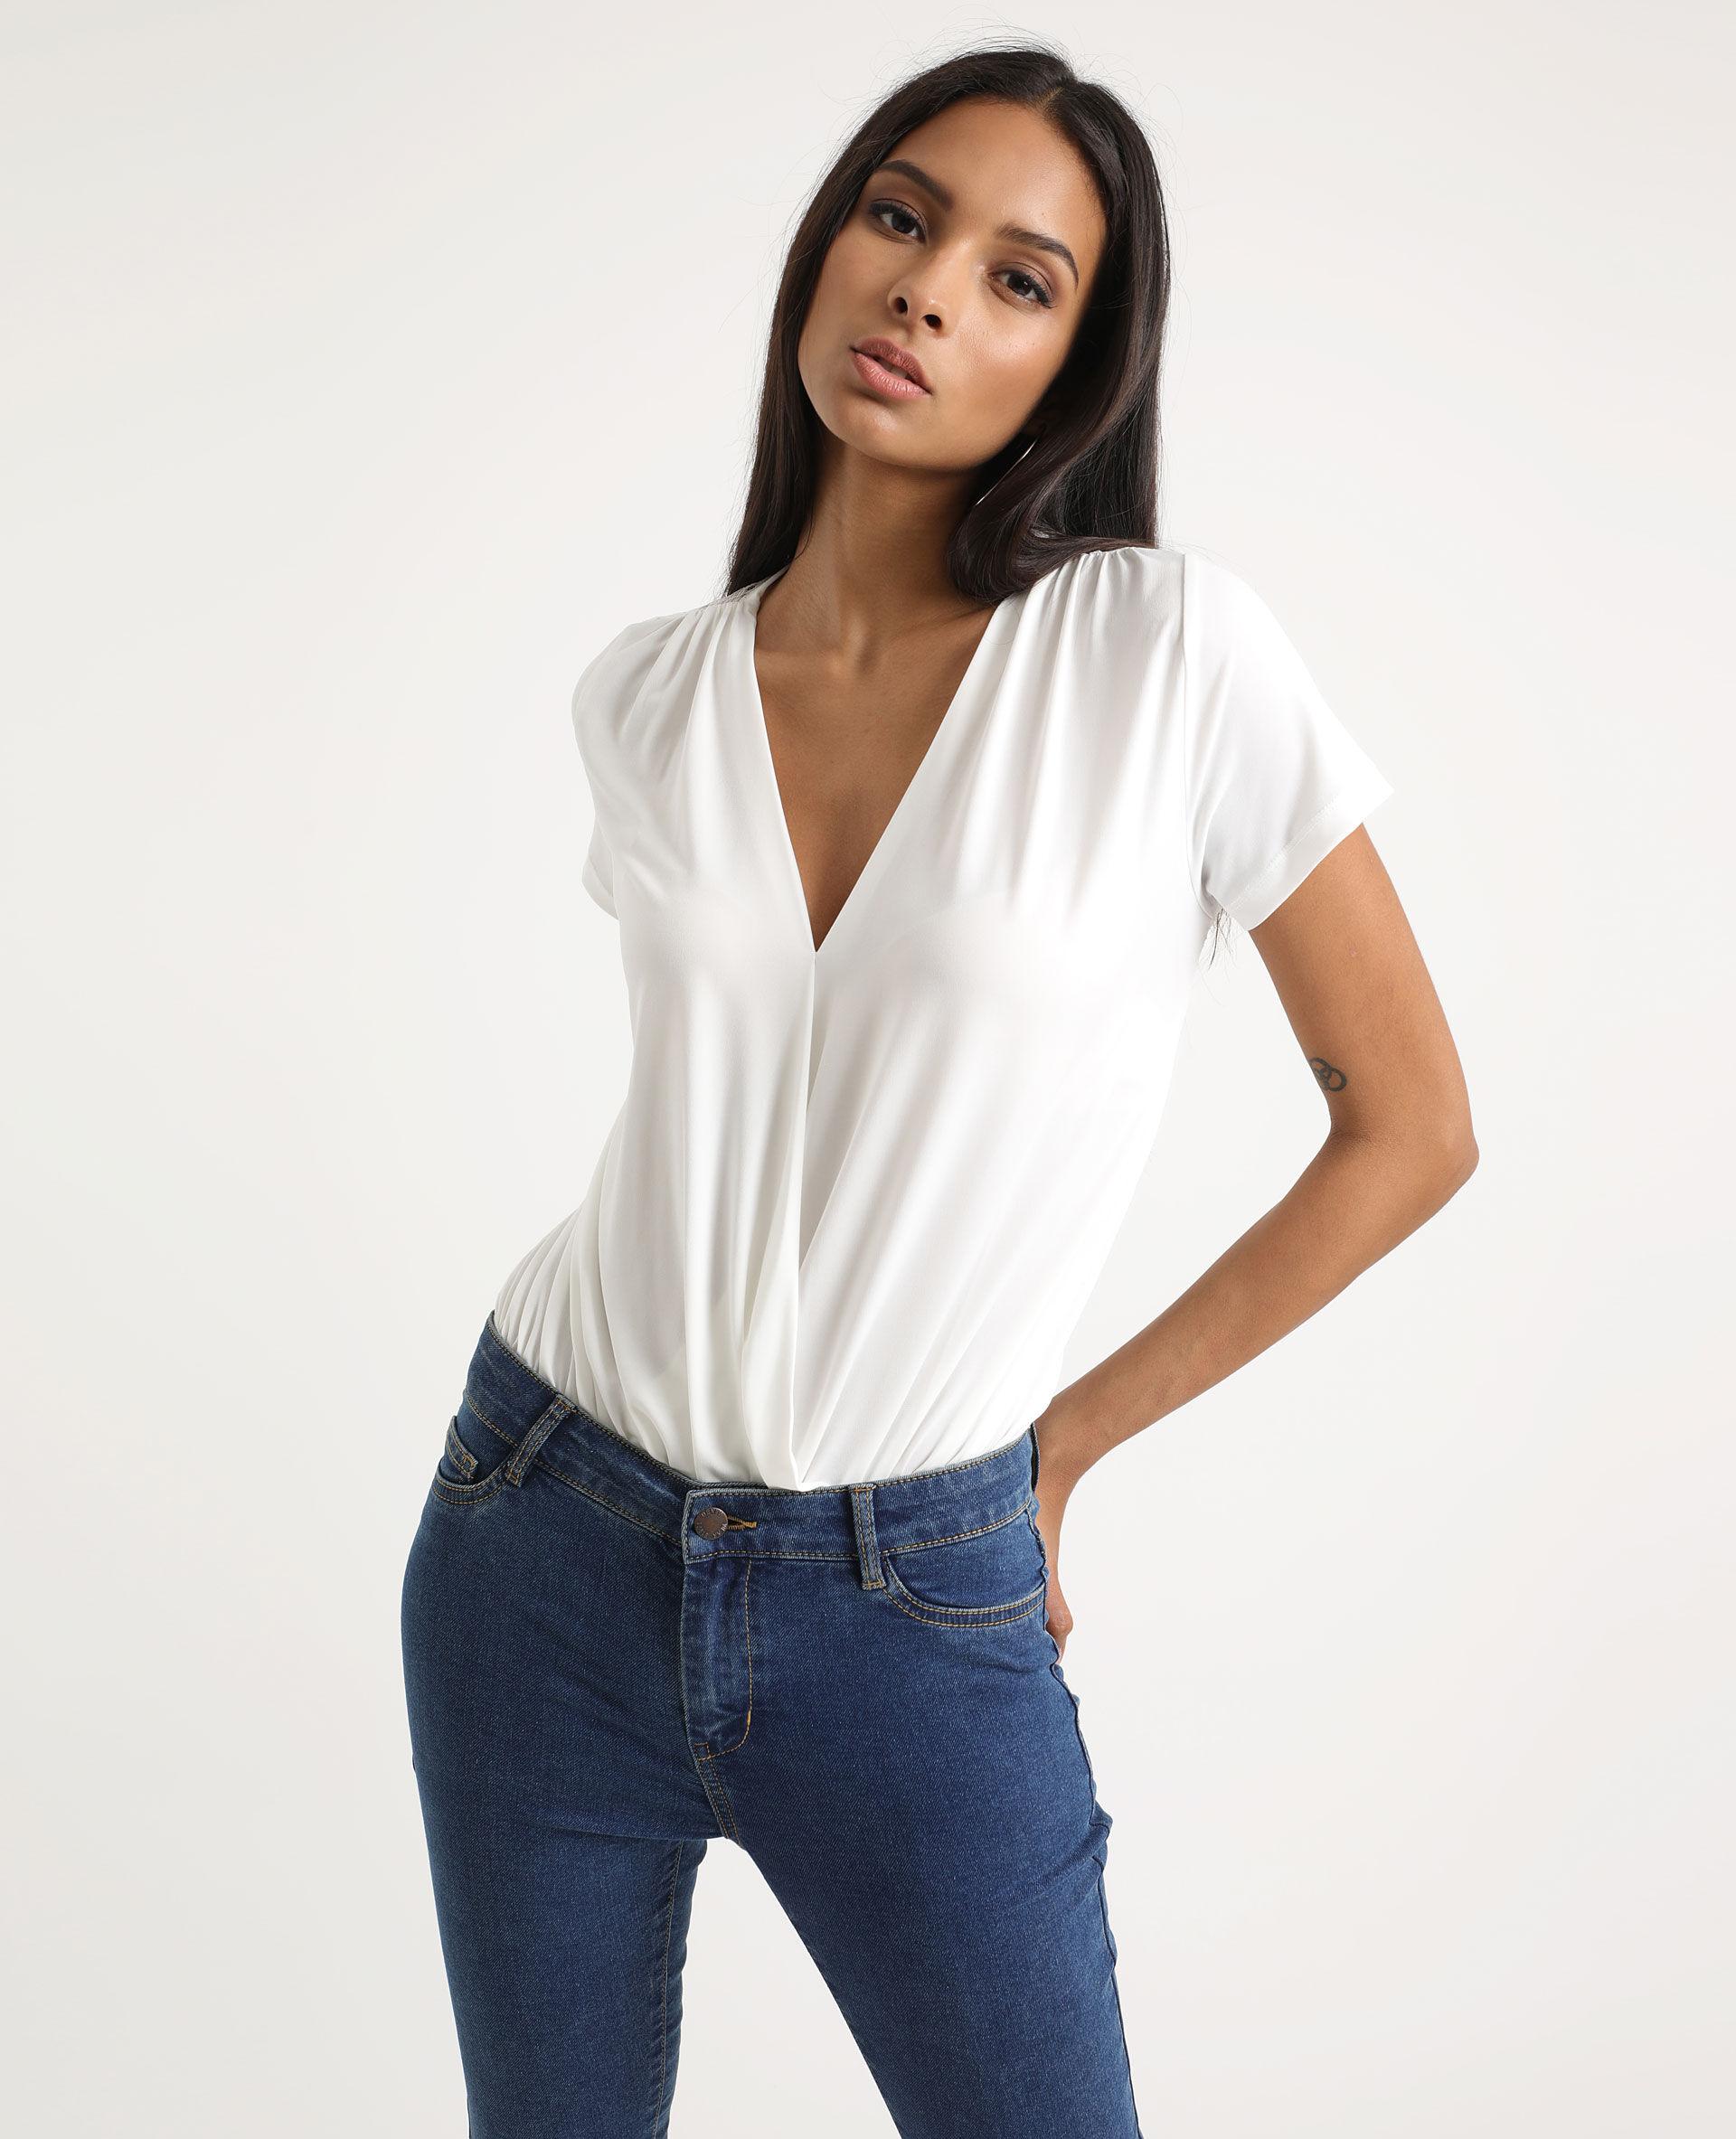 Body à manches courtes Femme - Couleur blanc cassé - Taille XS - PIMKIE - MODE FEMME